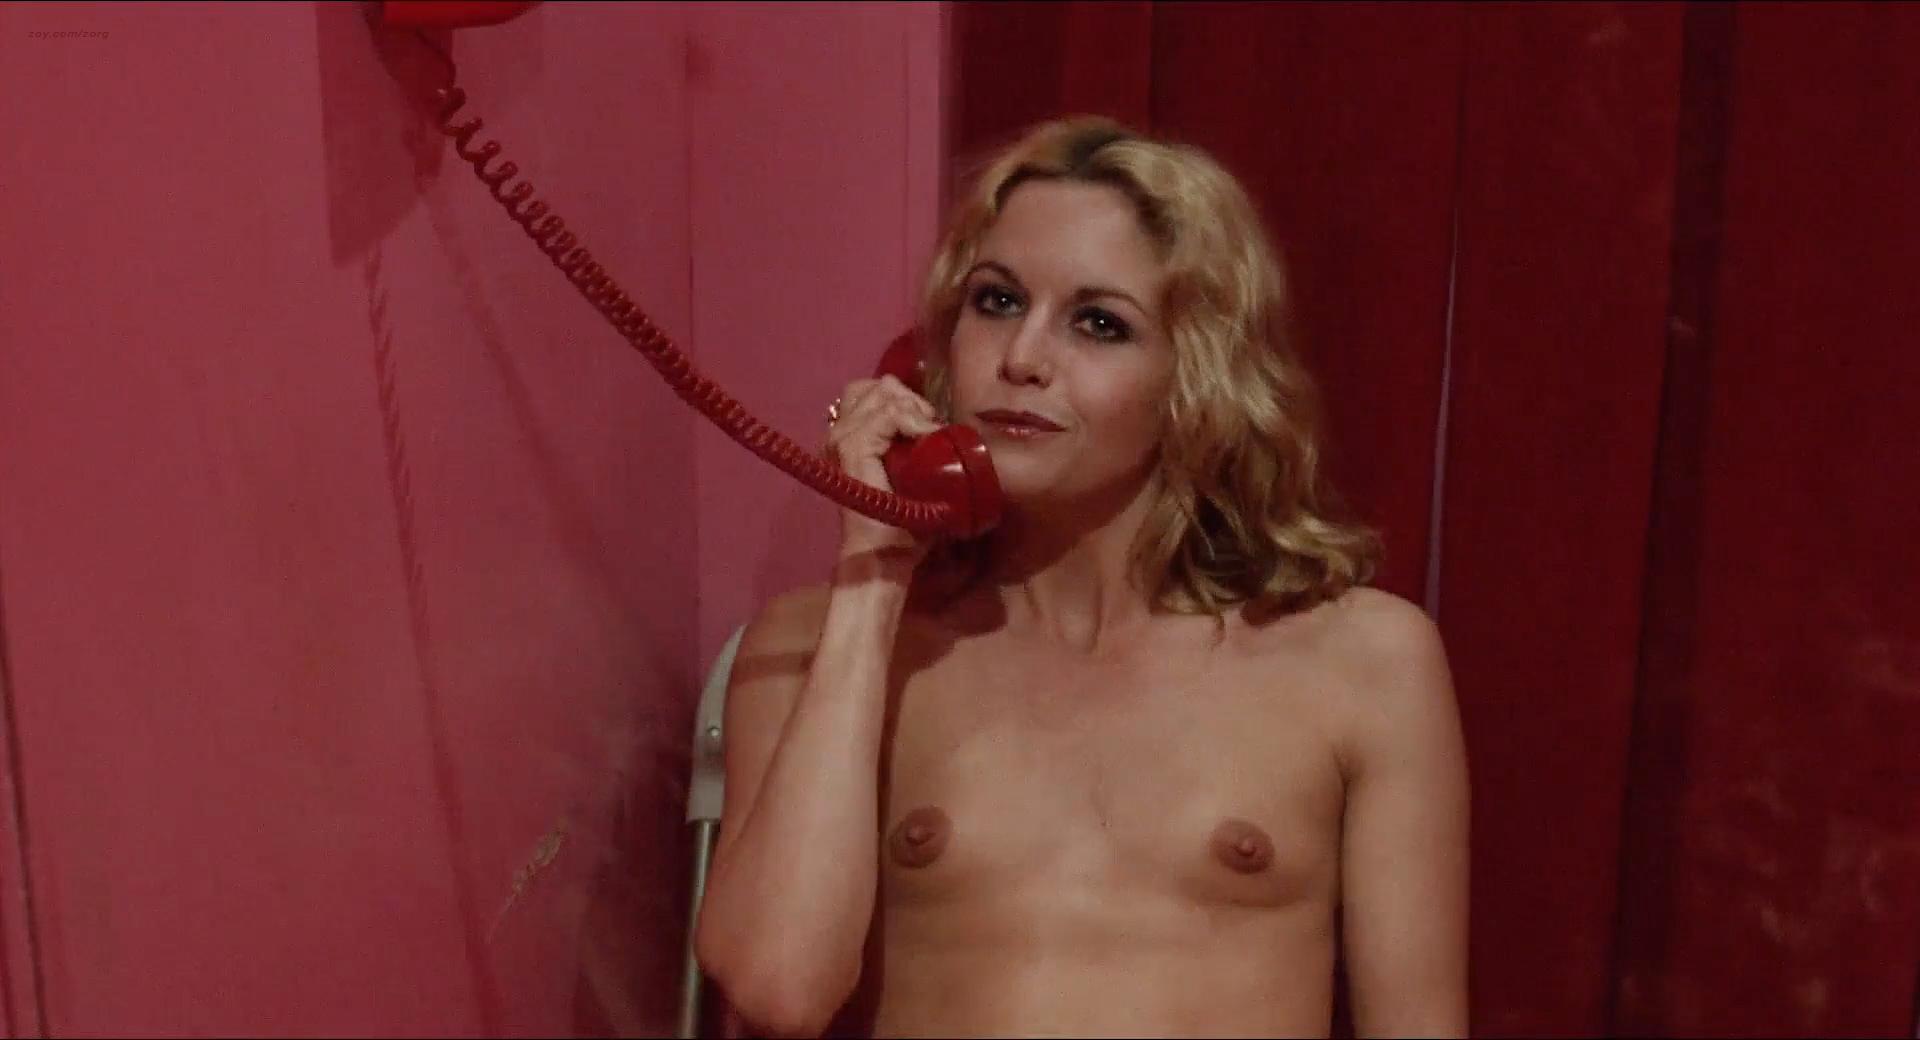 tammy wynette nude photos